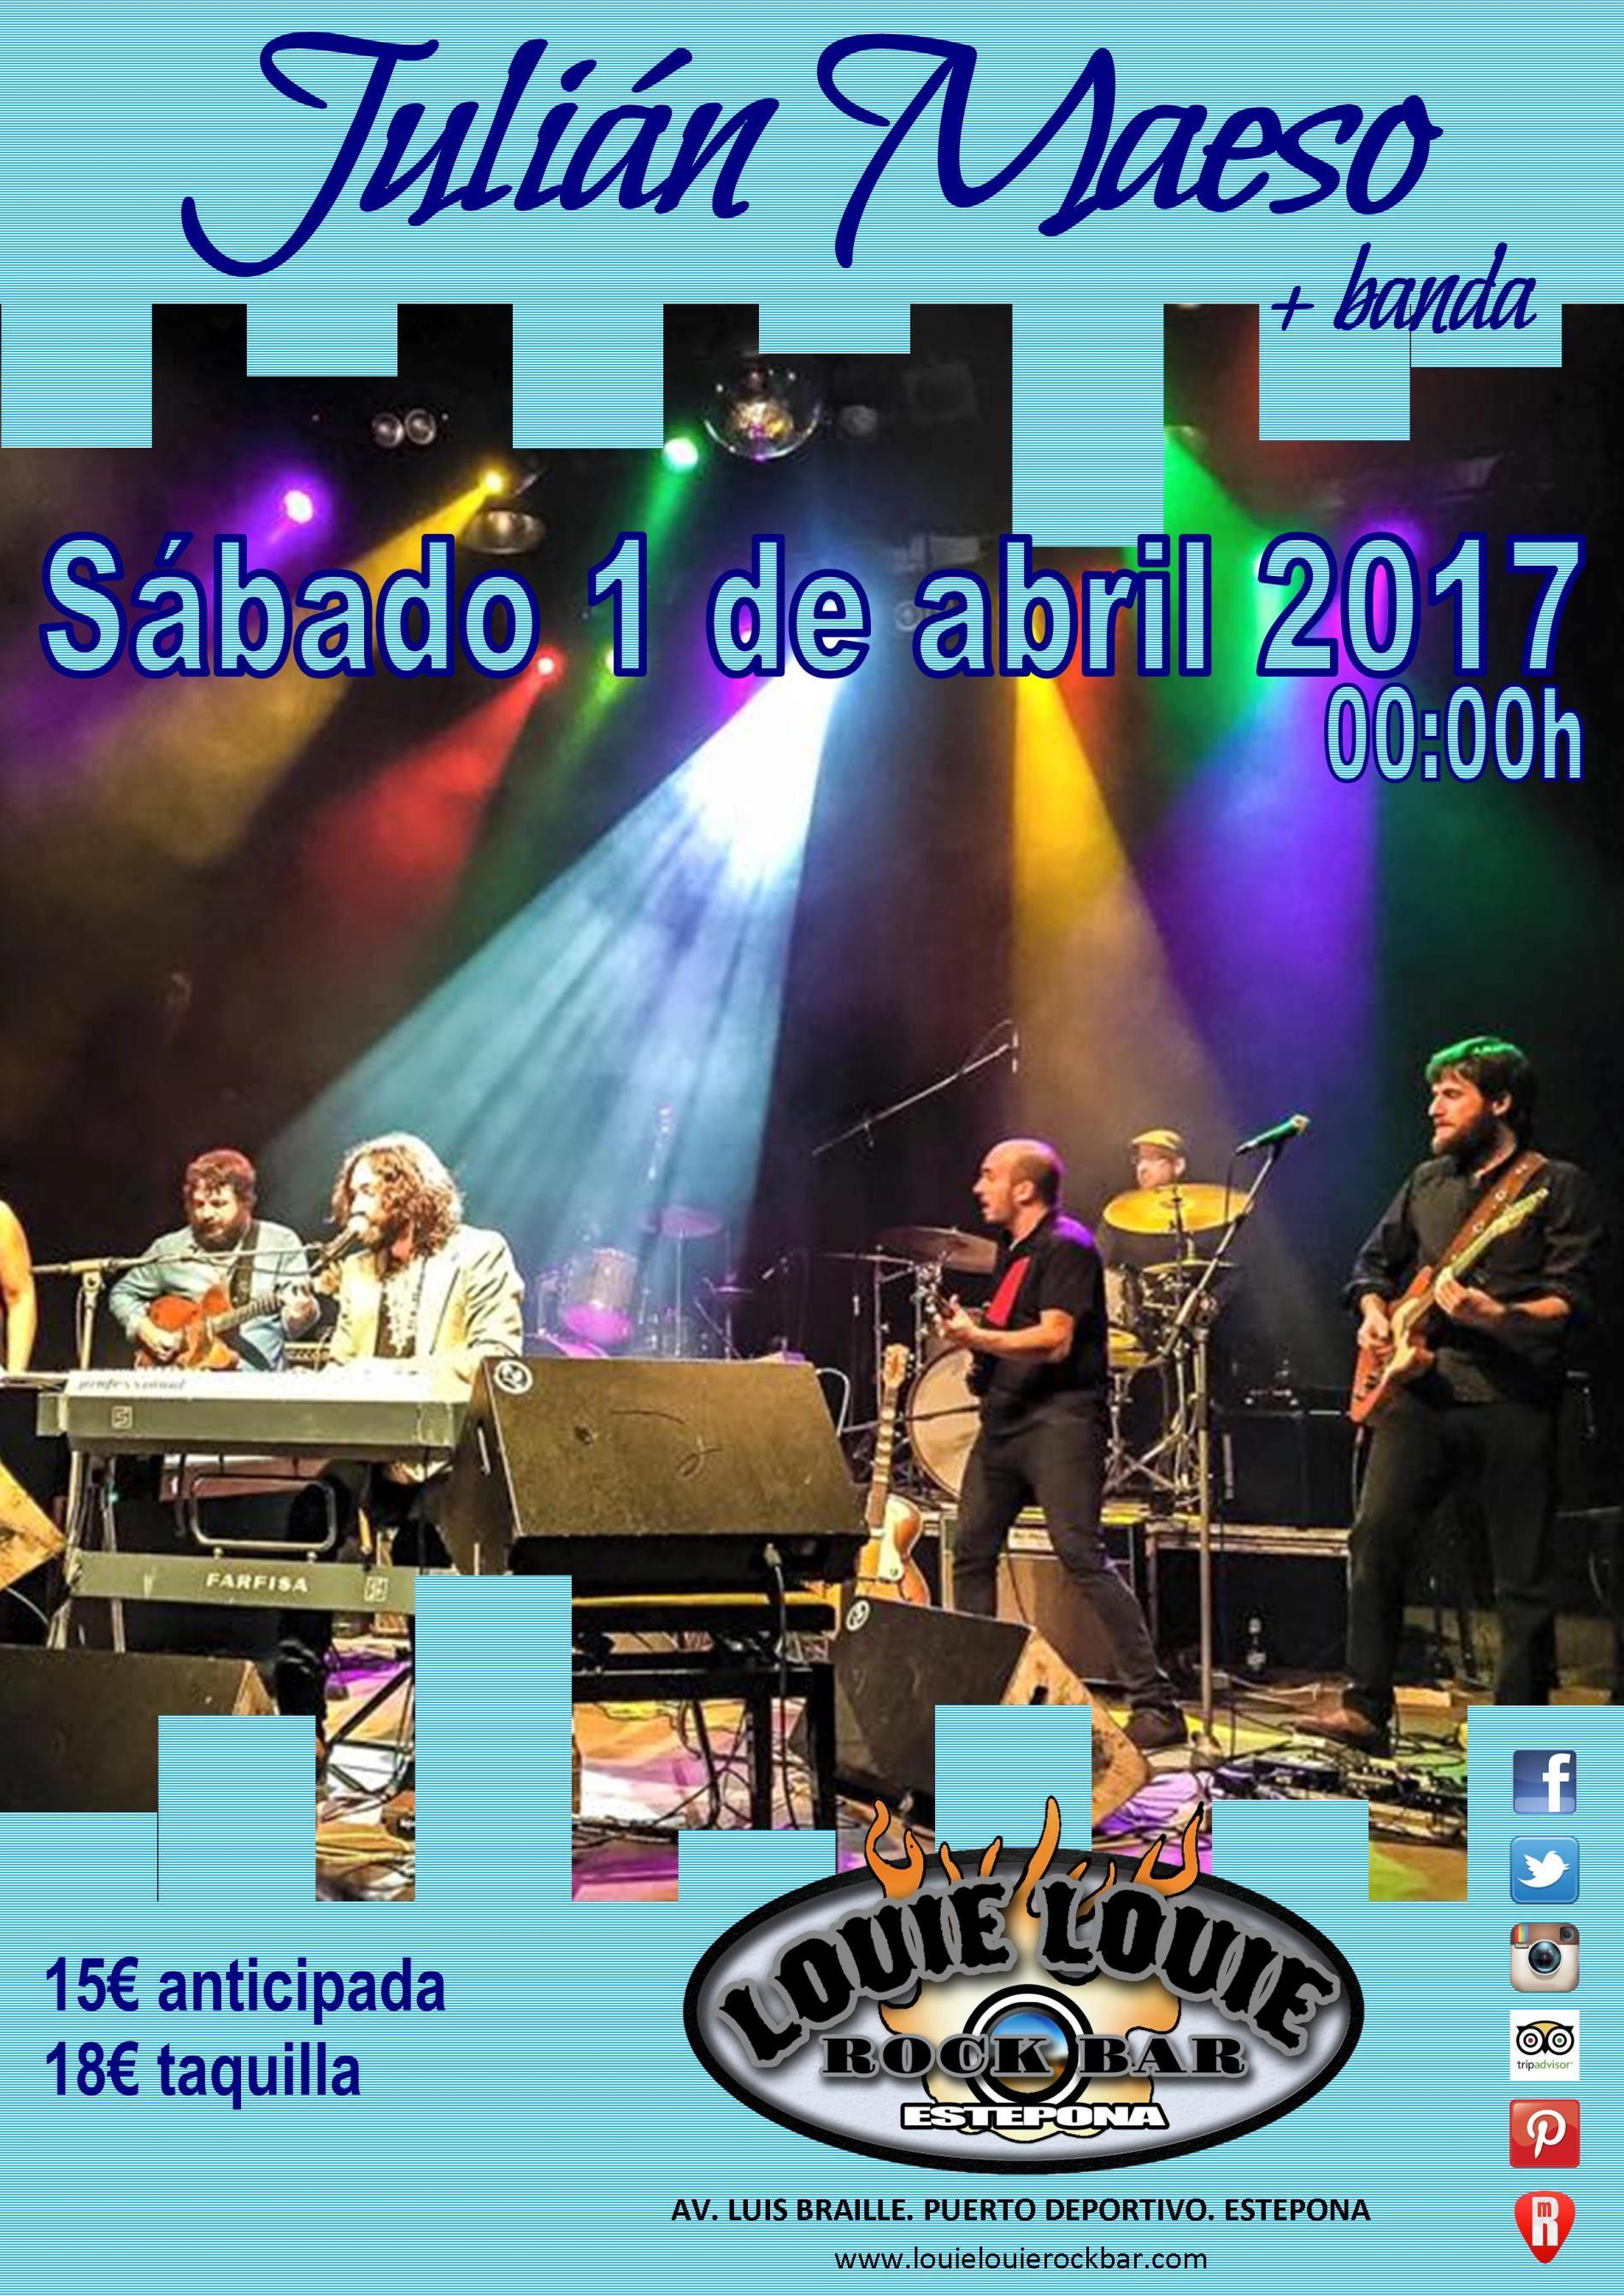 Cartel anunciando el concierto de Julián Maeso